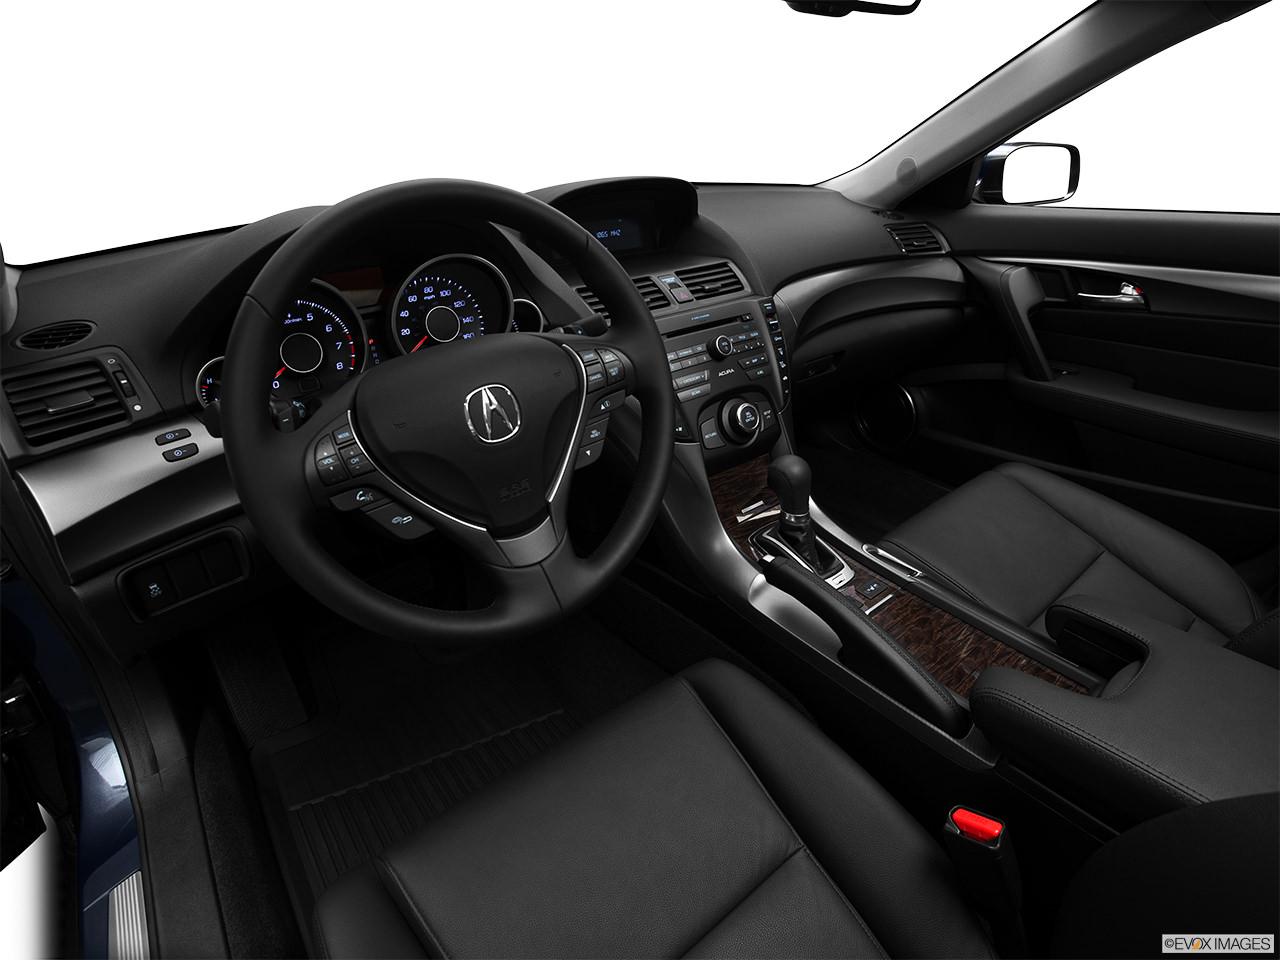 Acura TL 2012 Interior